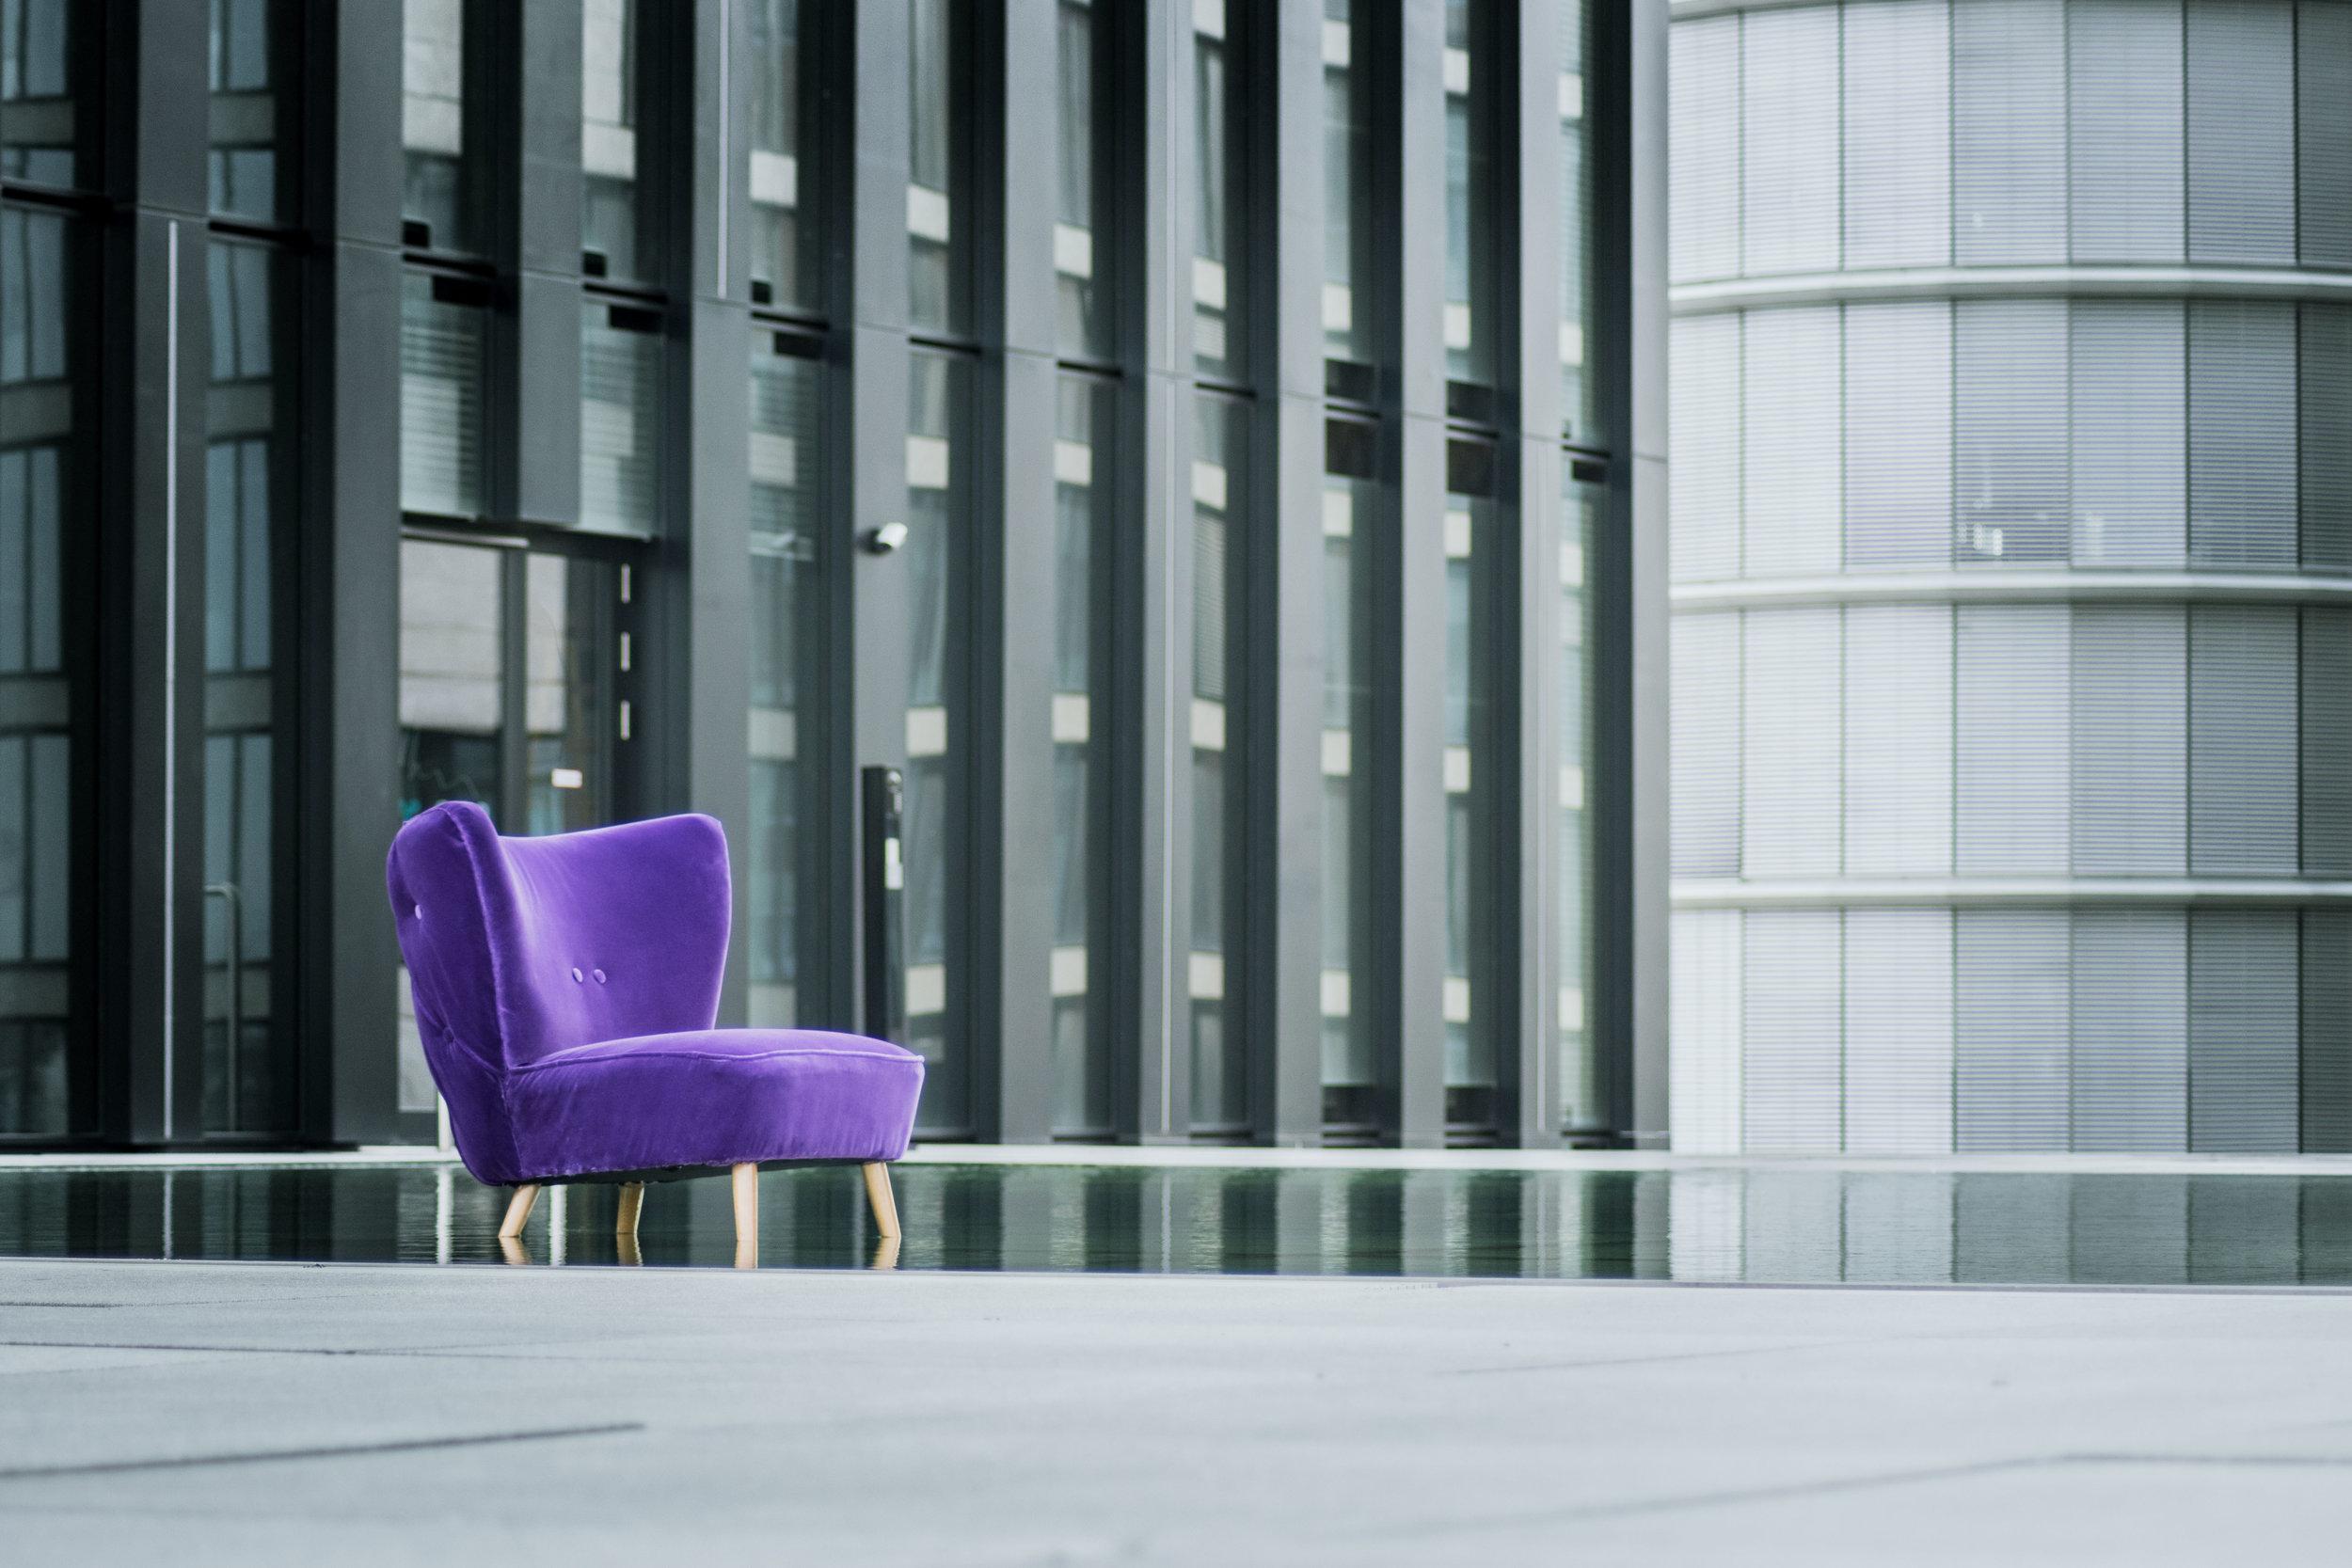 Living room chairs in velvet